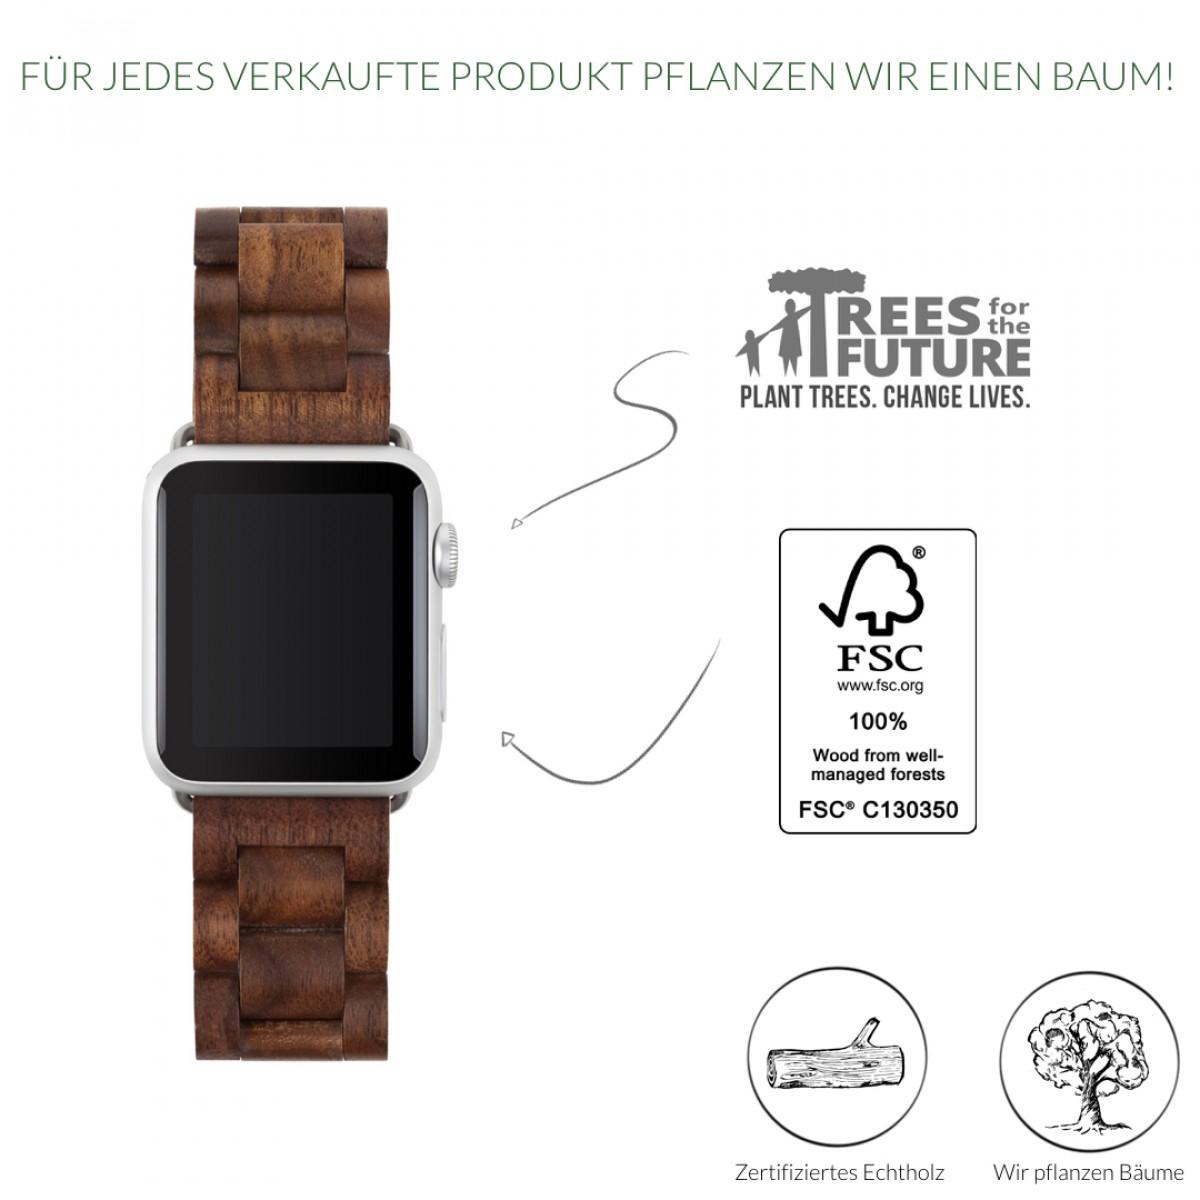 Woodcessories - EcoStrap - Premium Design Holzband, Strap, Armband, Uhrenarmband für die AppleWatch 1, 2 & 3 aus echtem Holz (Walnuss / silber, 42mm)